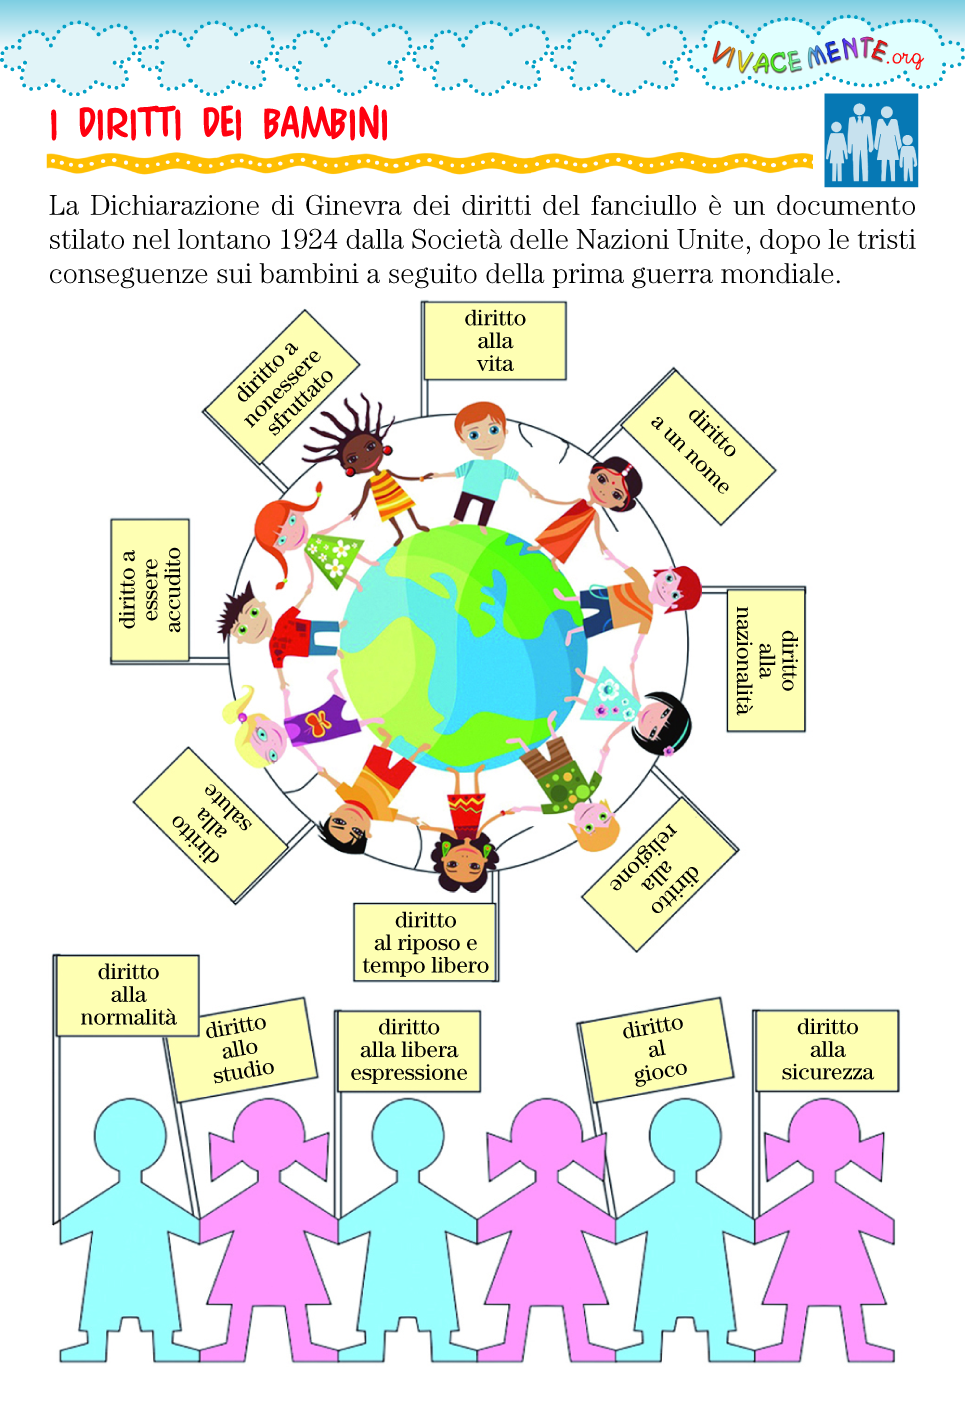 abbastanza VIVACEMENTE con il cuore e con la mente: I diritti dei bambini  BD15